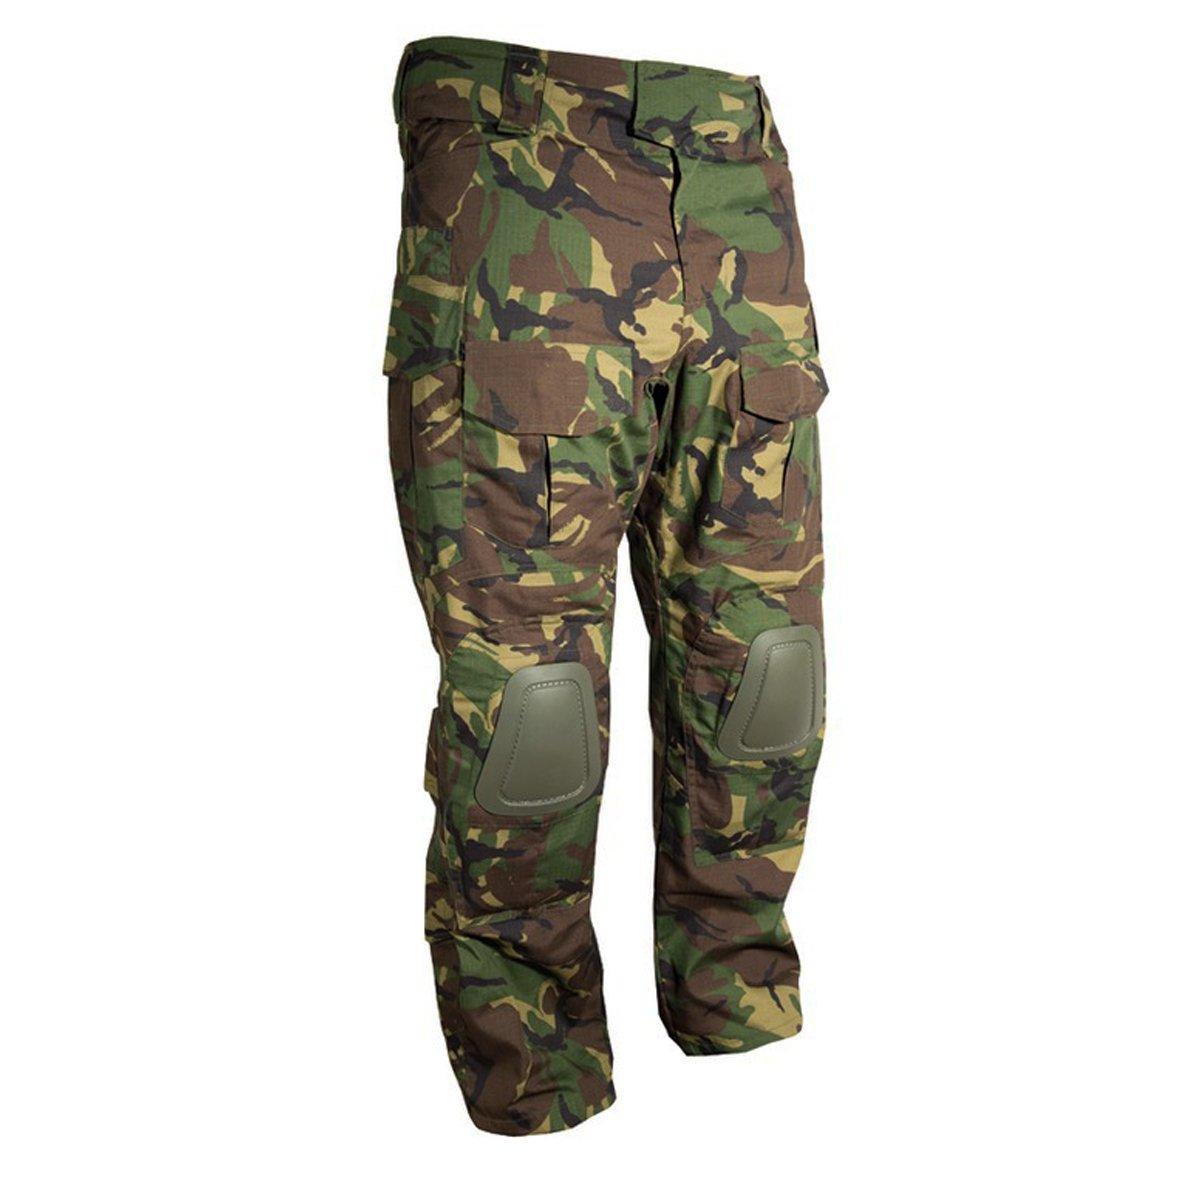 pantaloni Kombat con rinforzi sulle ginocchia Combat ottica camouflage mimetica